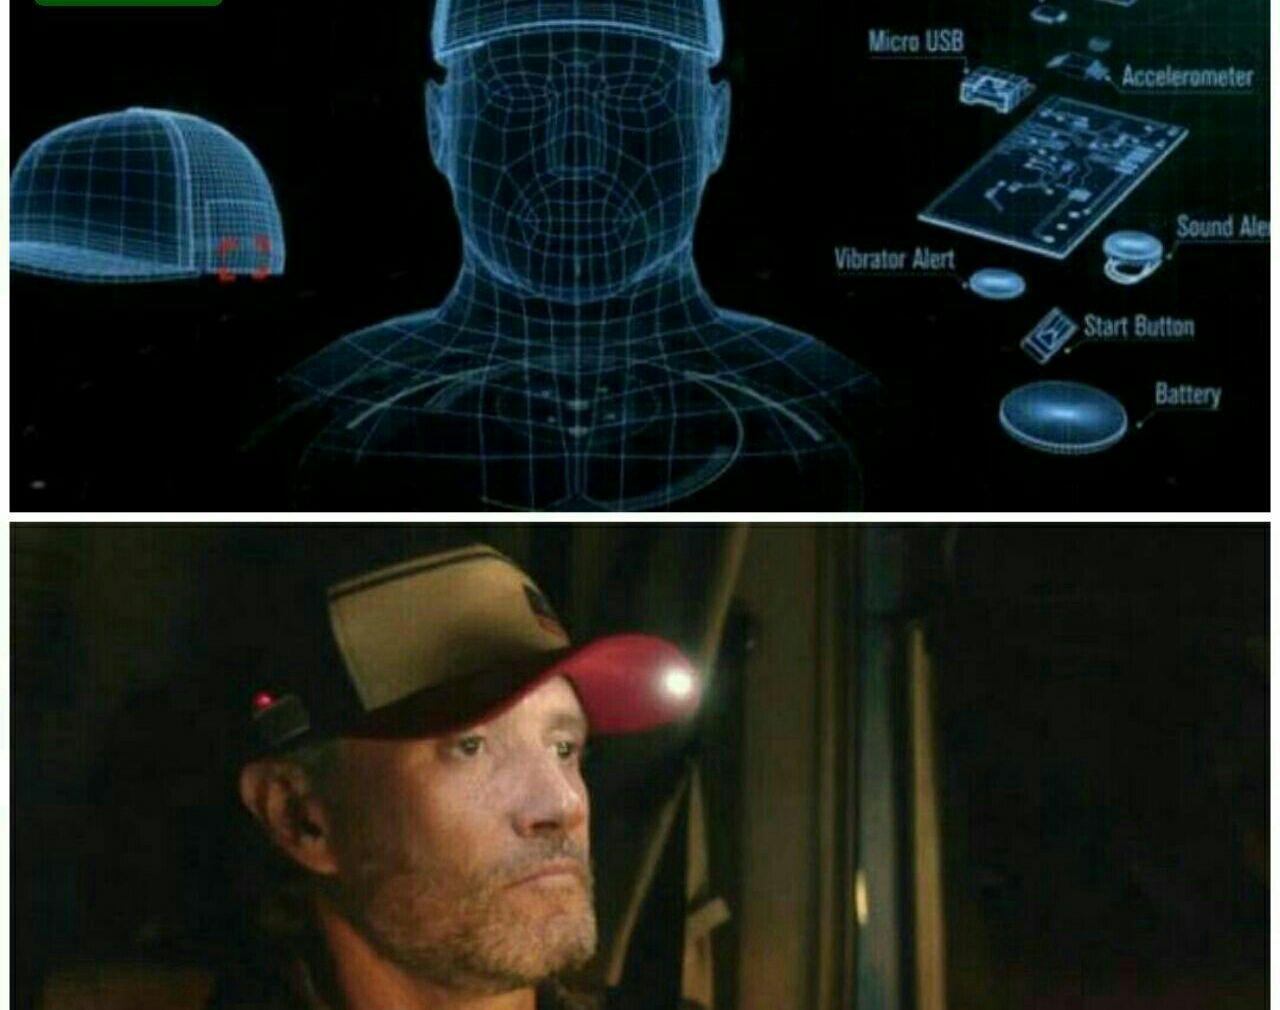 شرکت فورد یک کلاه ضد خواب برای رانندگان کامیون ساخته است